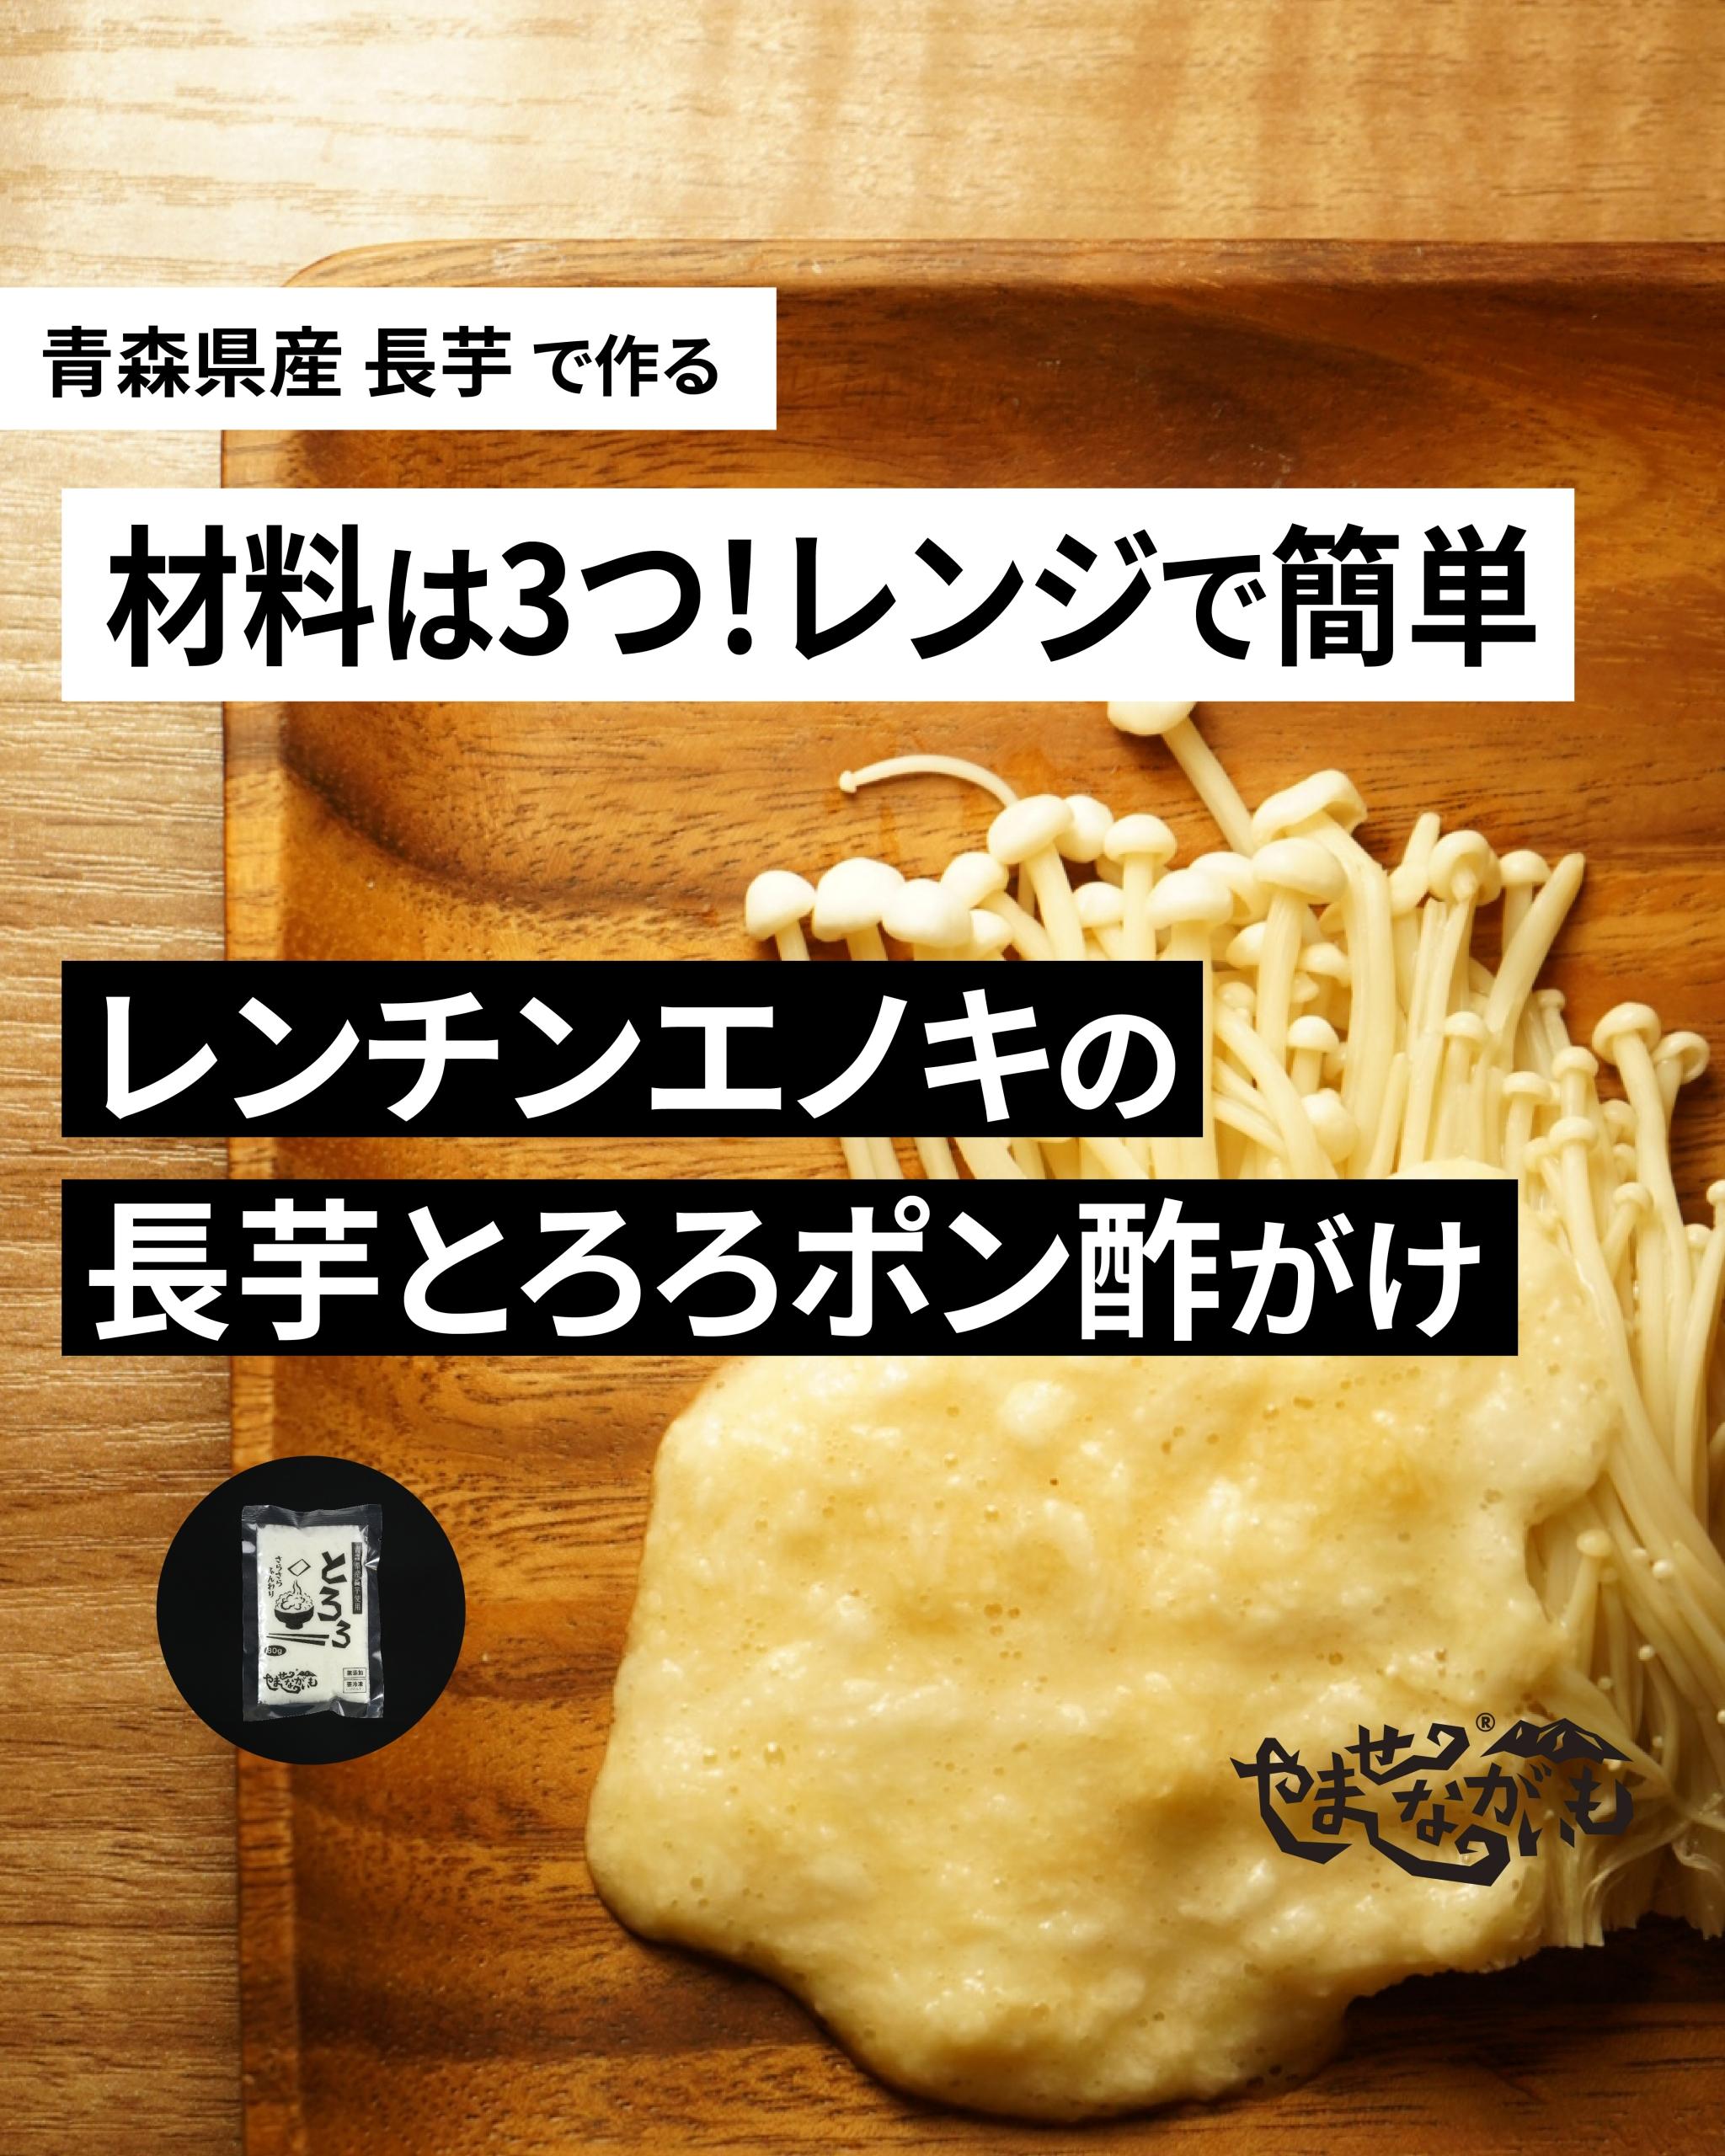 電子レンジ レンチン エノキ 長芋 とろろ ポン酢 アレンジ レシピ